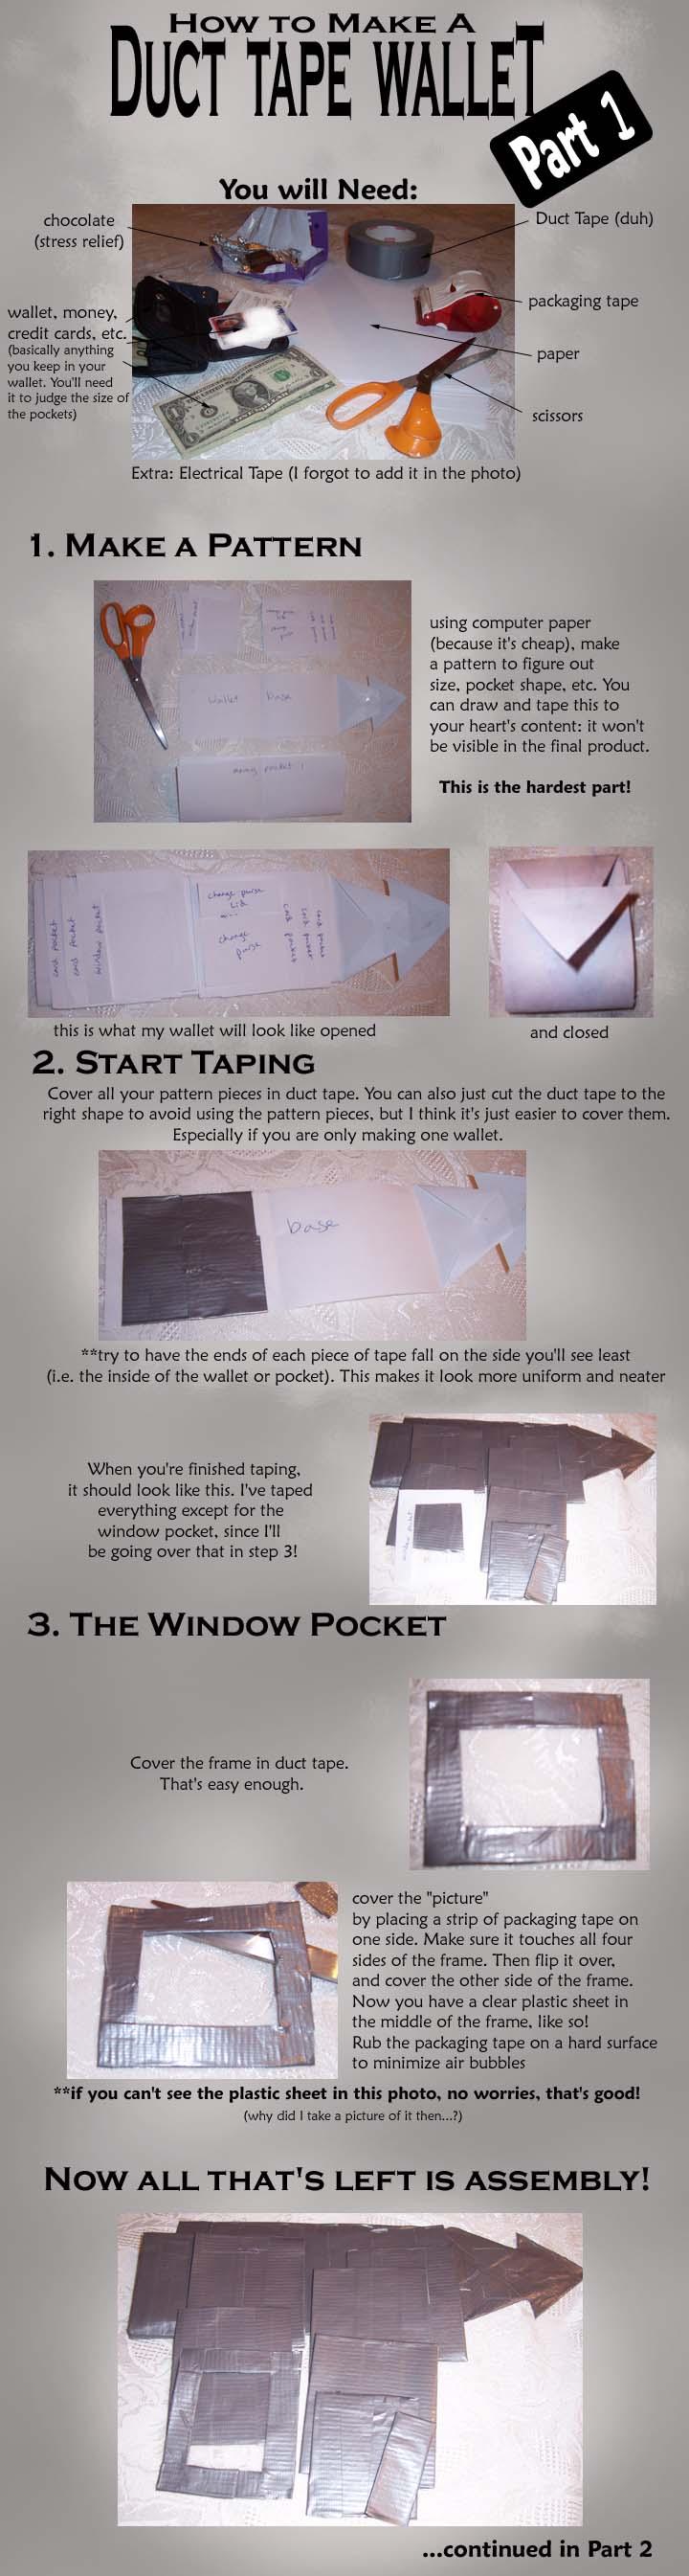 Duct Tape Wallet Tutorial 1 by akireru on DeviantArt